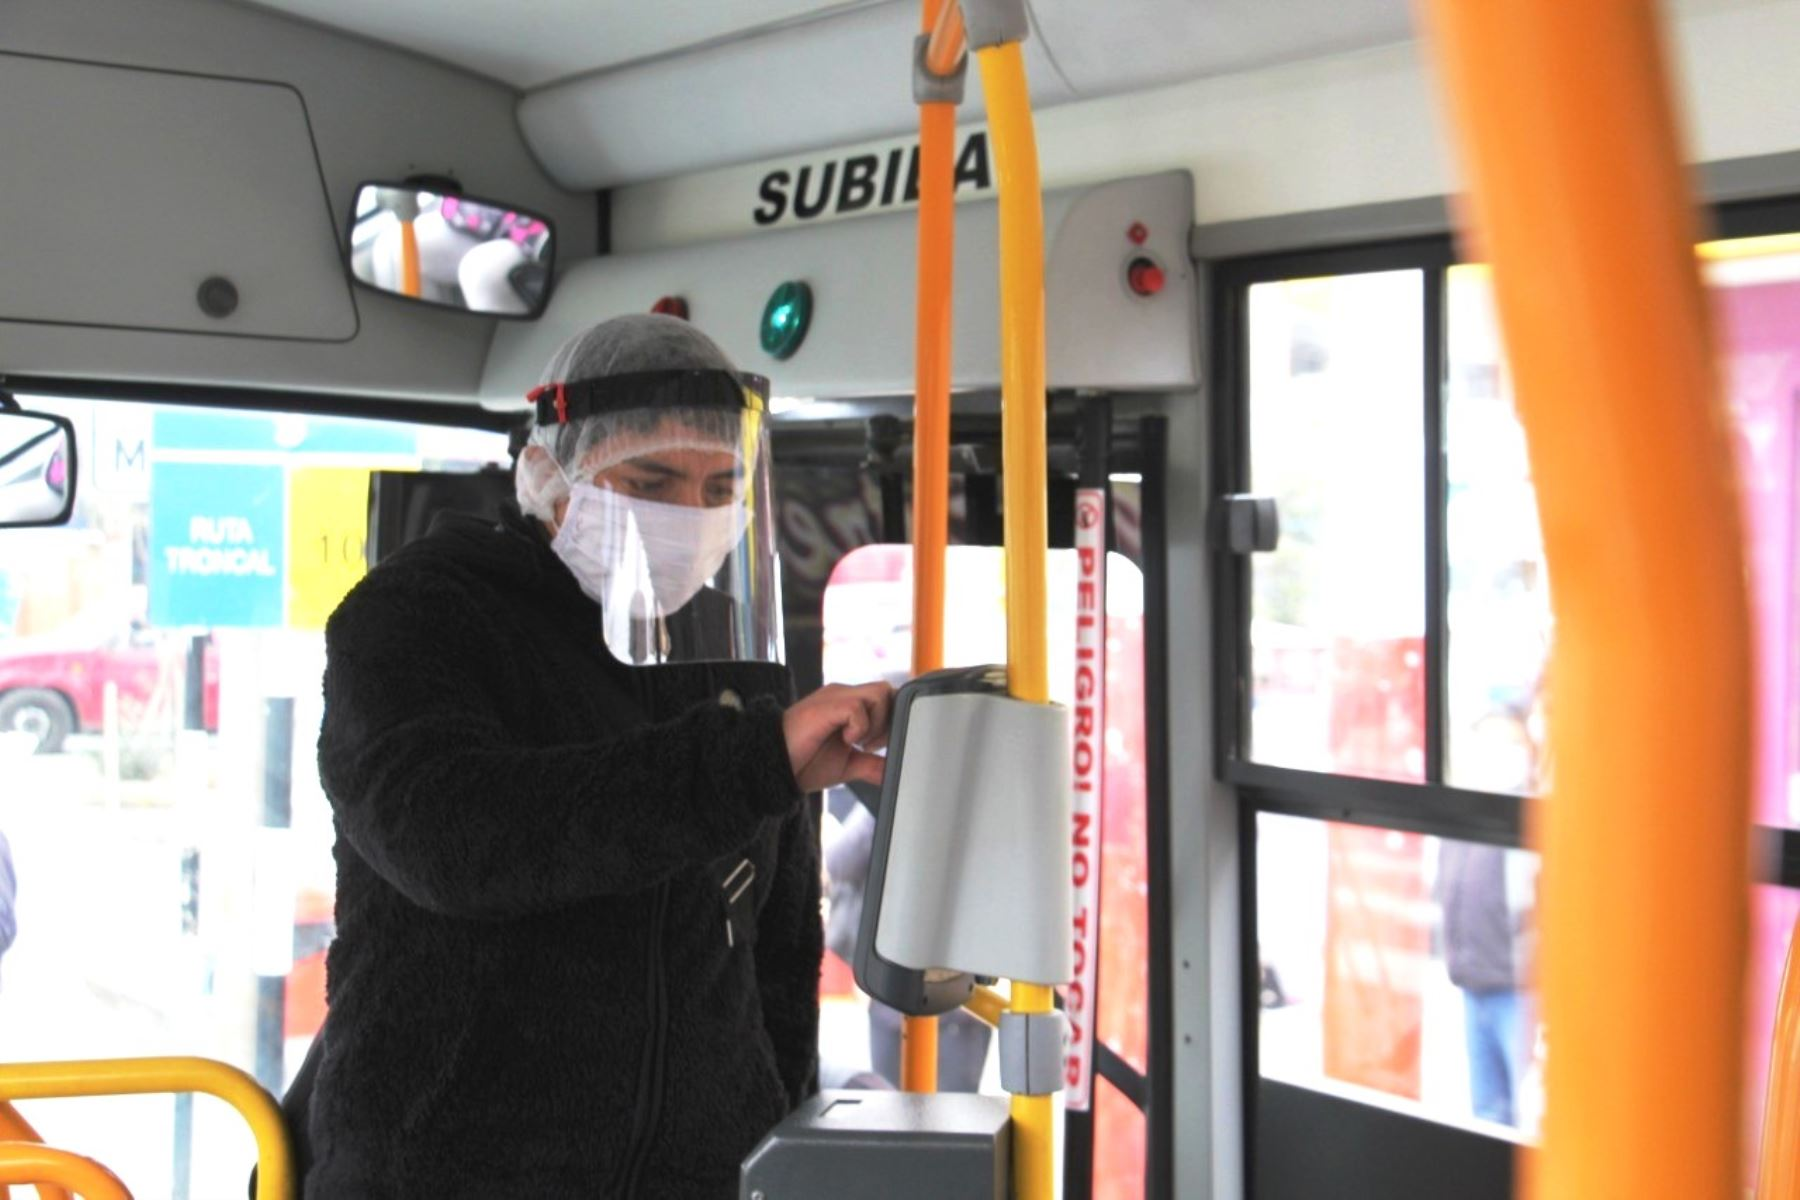 Carné universitario se usará como medio de pago sin contacto en el transporte público. Foto: ANDINA/Difusión.